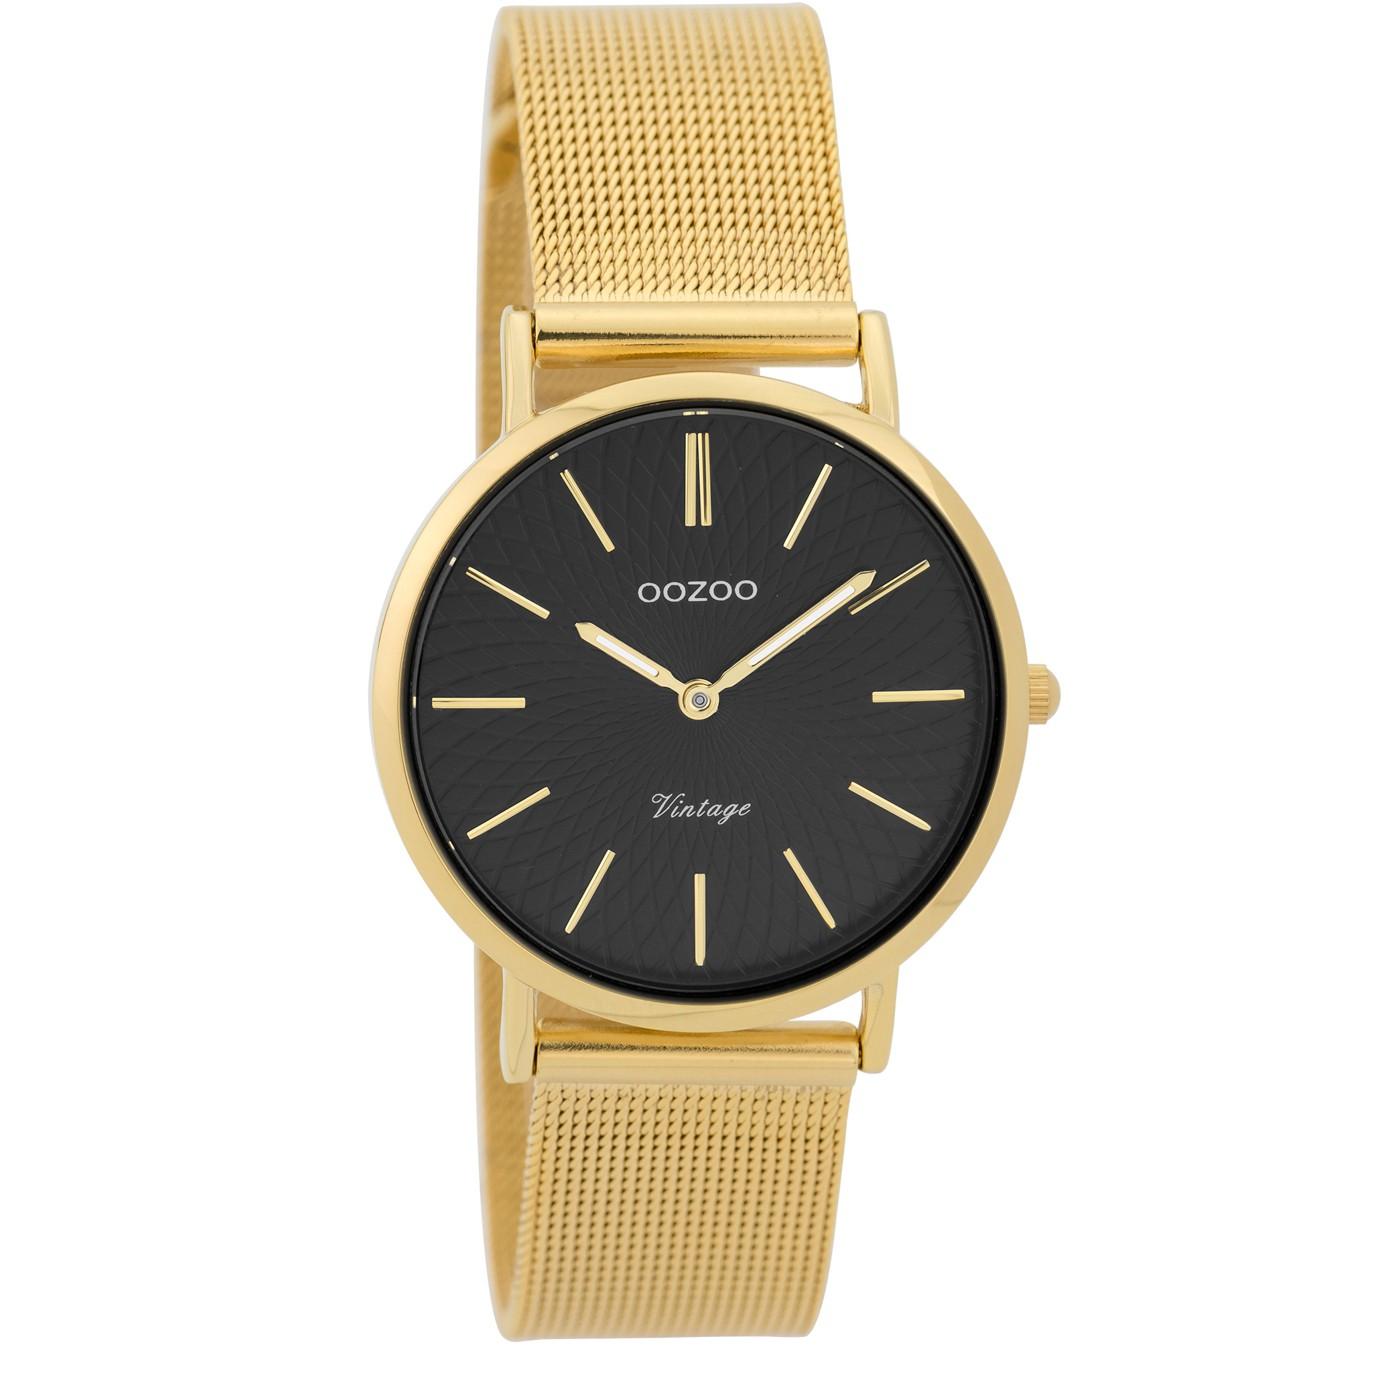 OOZOO Horloge Vintage goudkleurig mesh 32 mm C9349